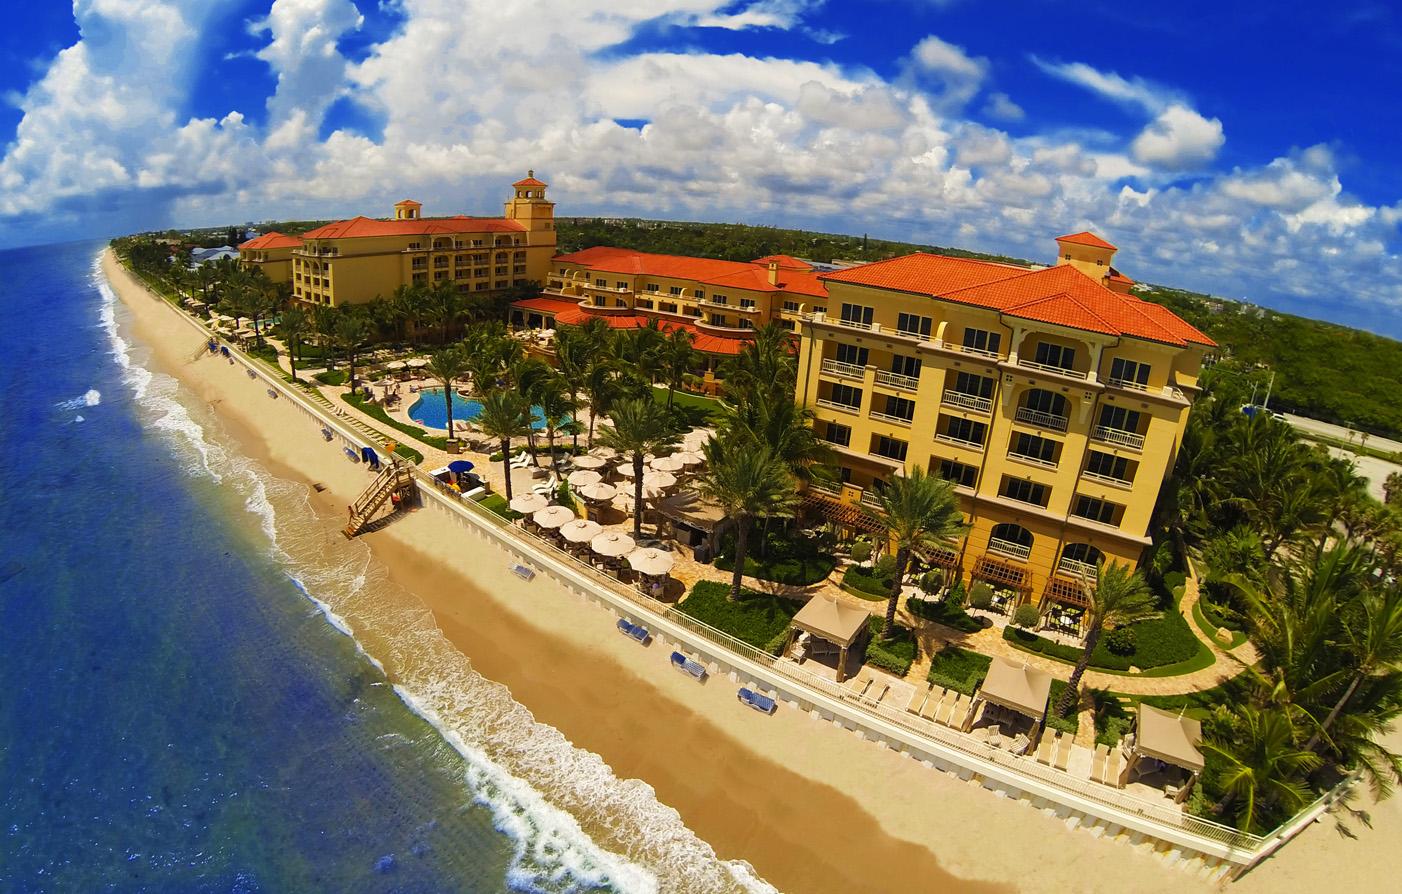 Eau Hotel West Palm Beach Florida